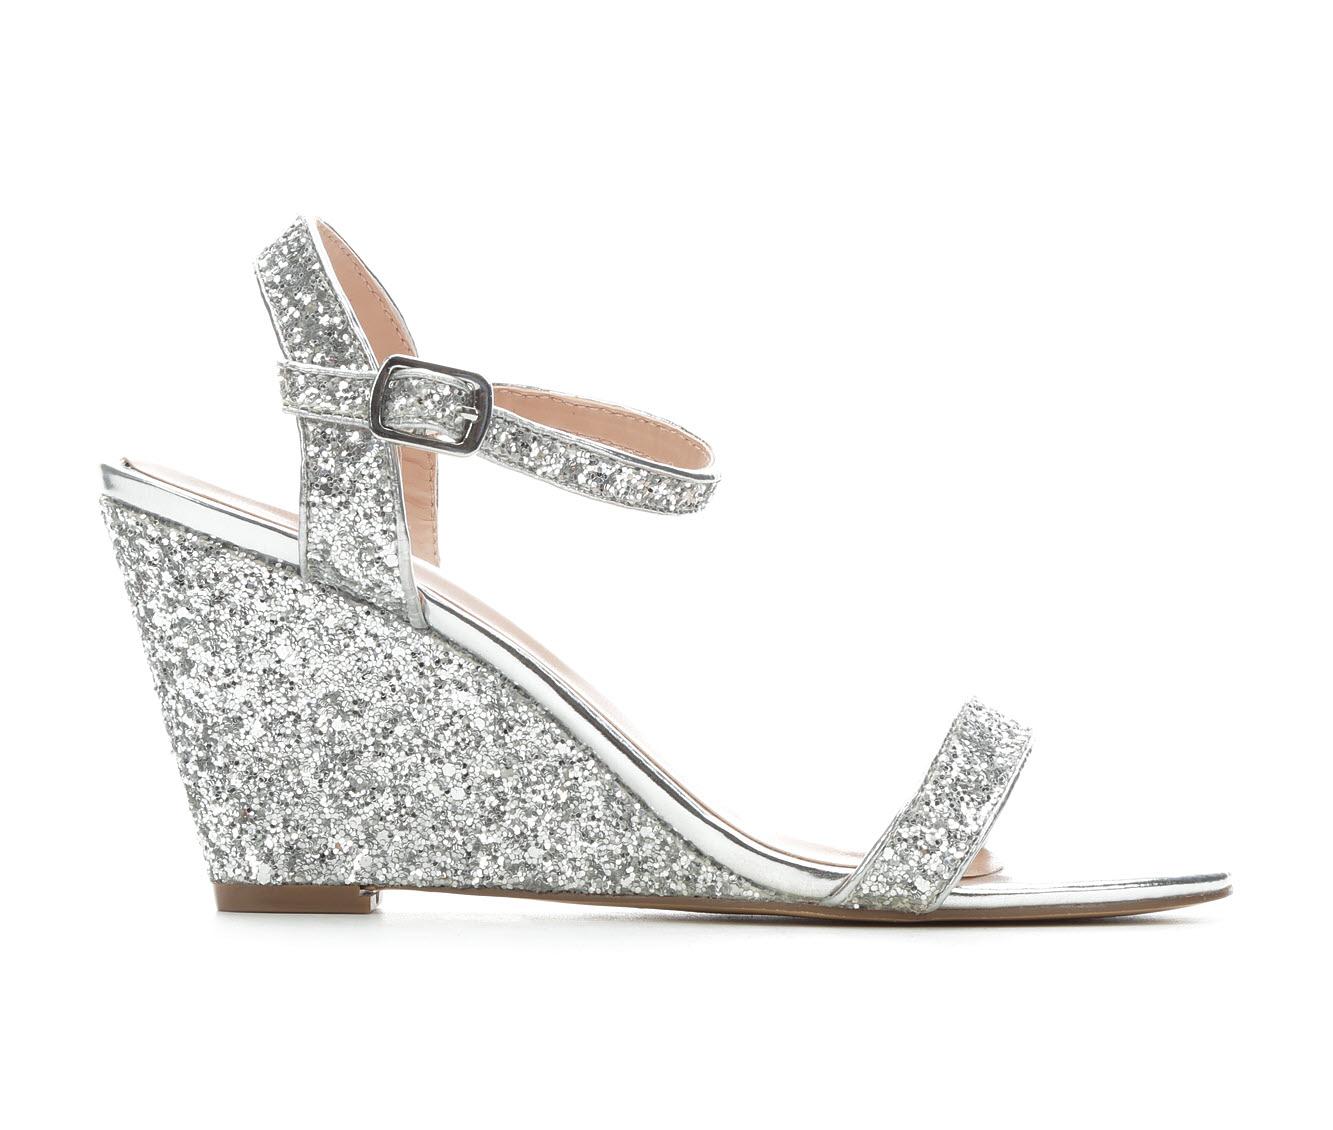 LLorraine Goldie Women's Dress Shoe (Silver Faux Leather)